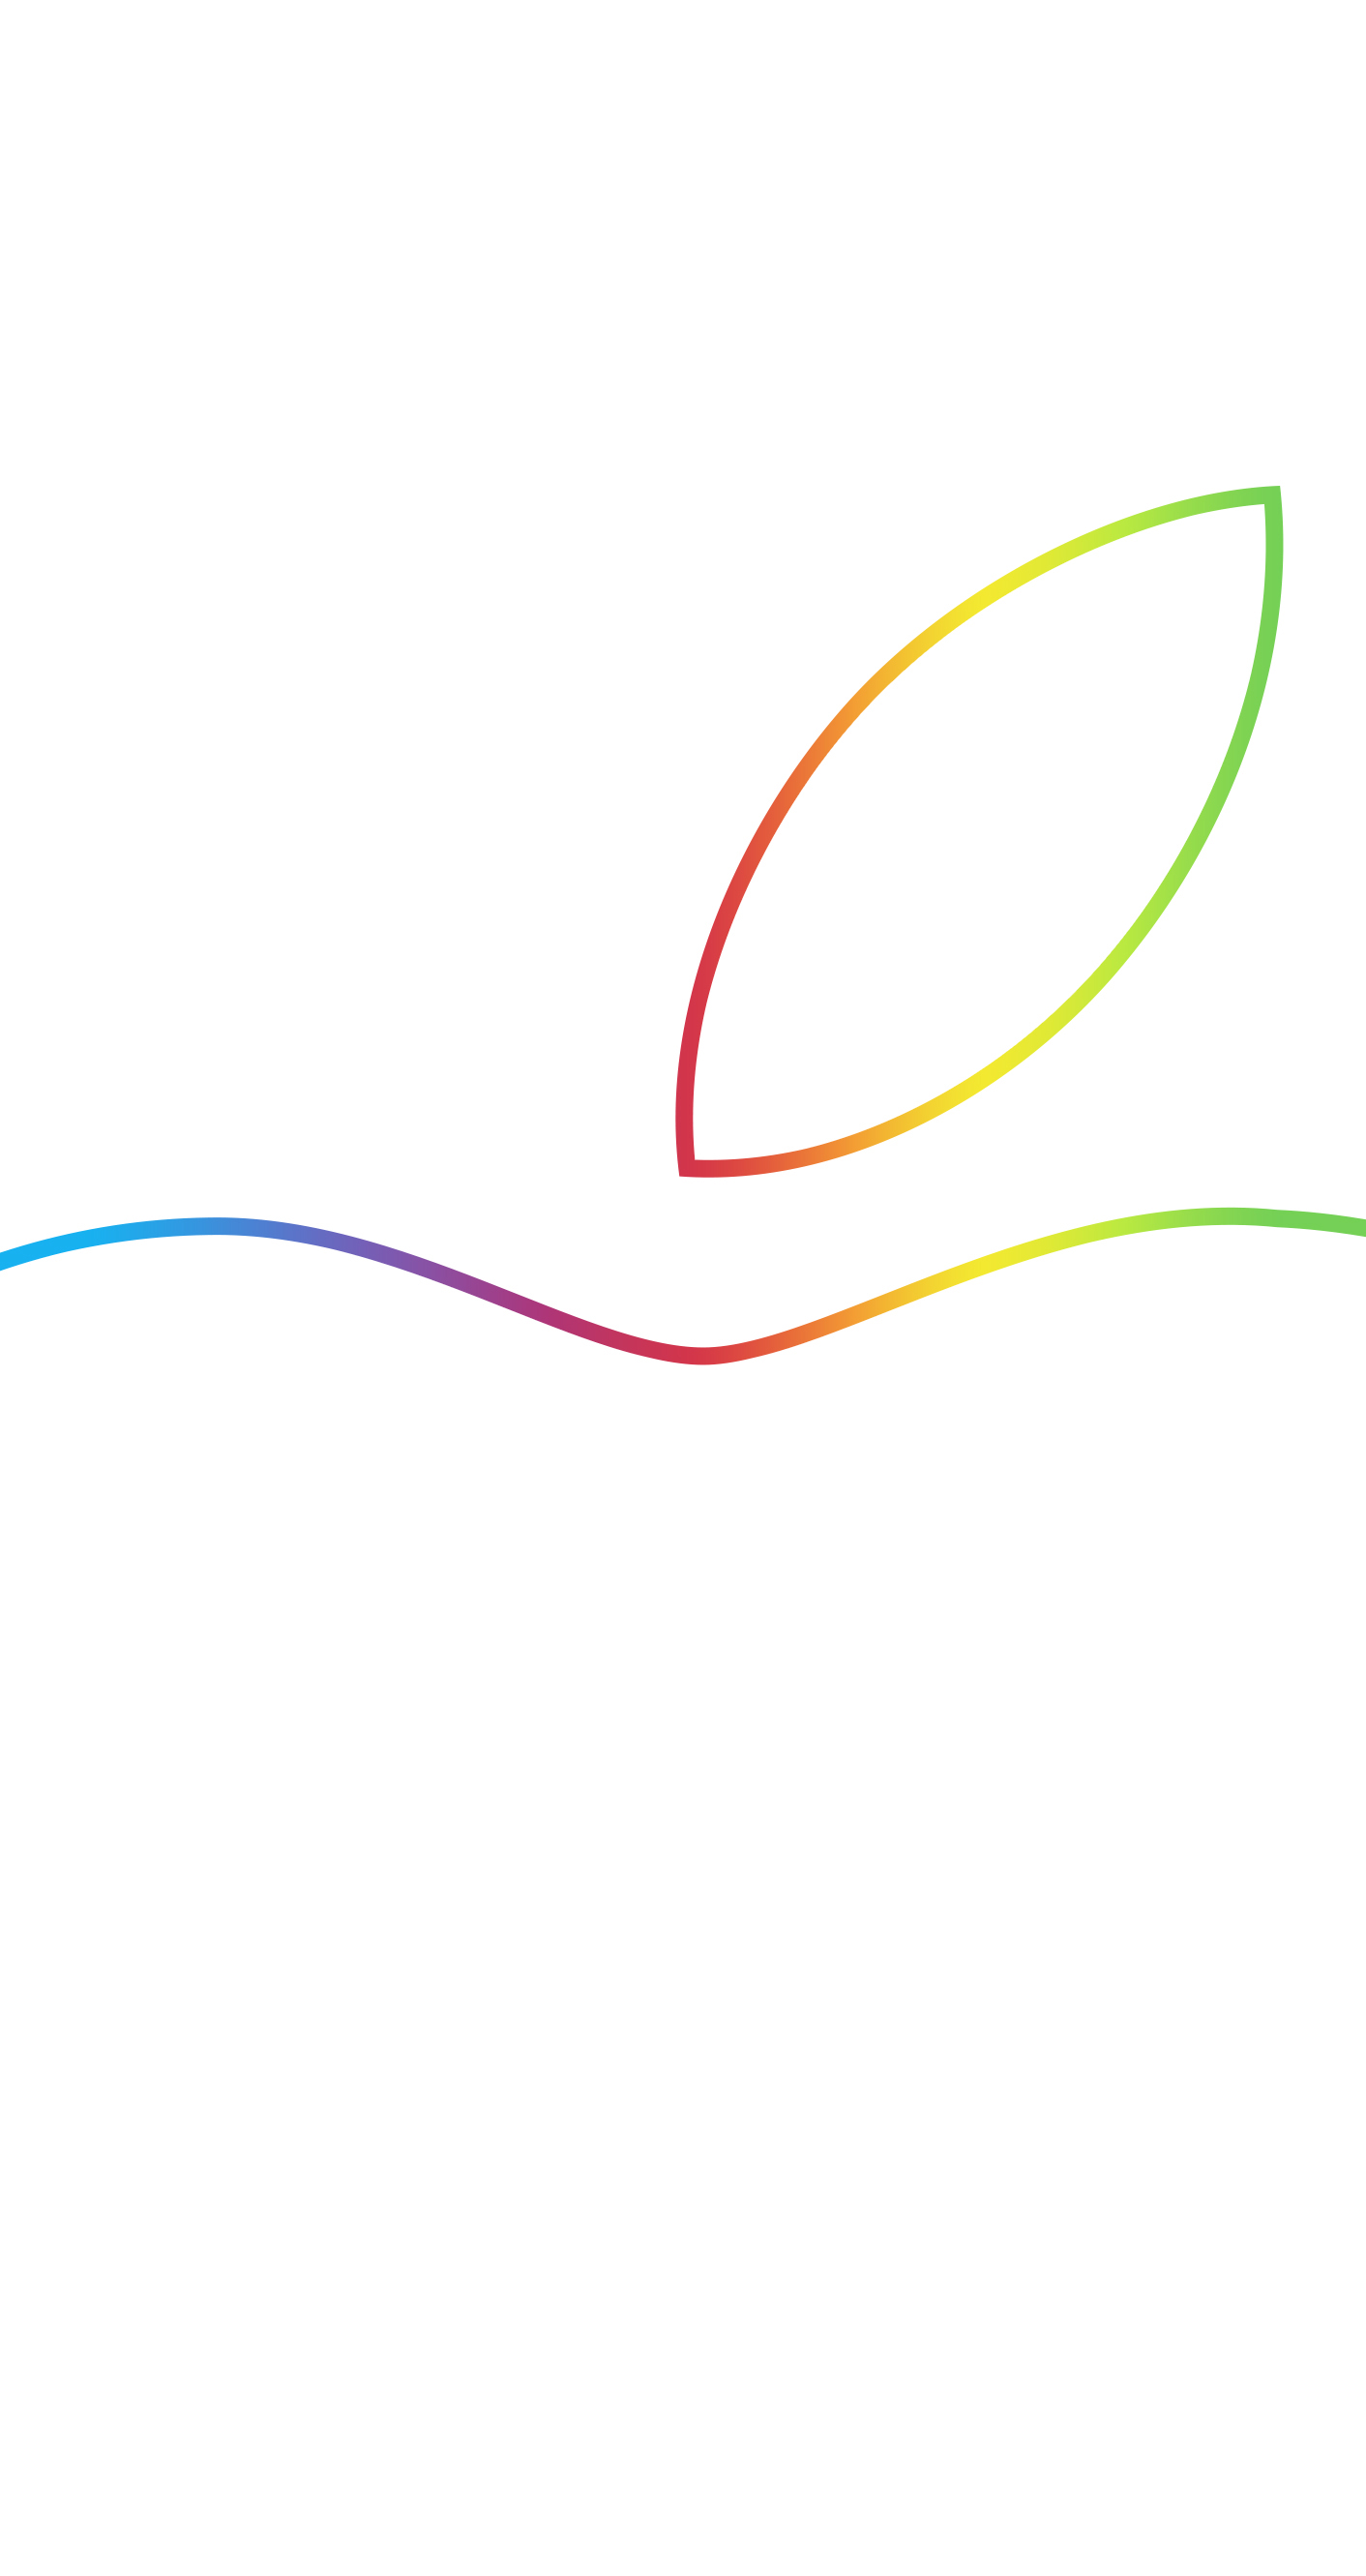 Iphone 5c Wallpaper Descargar Fondos De Pantalla Evento De Nuevos Ipad Gratis